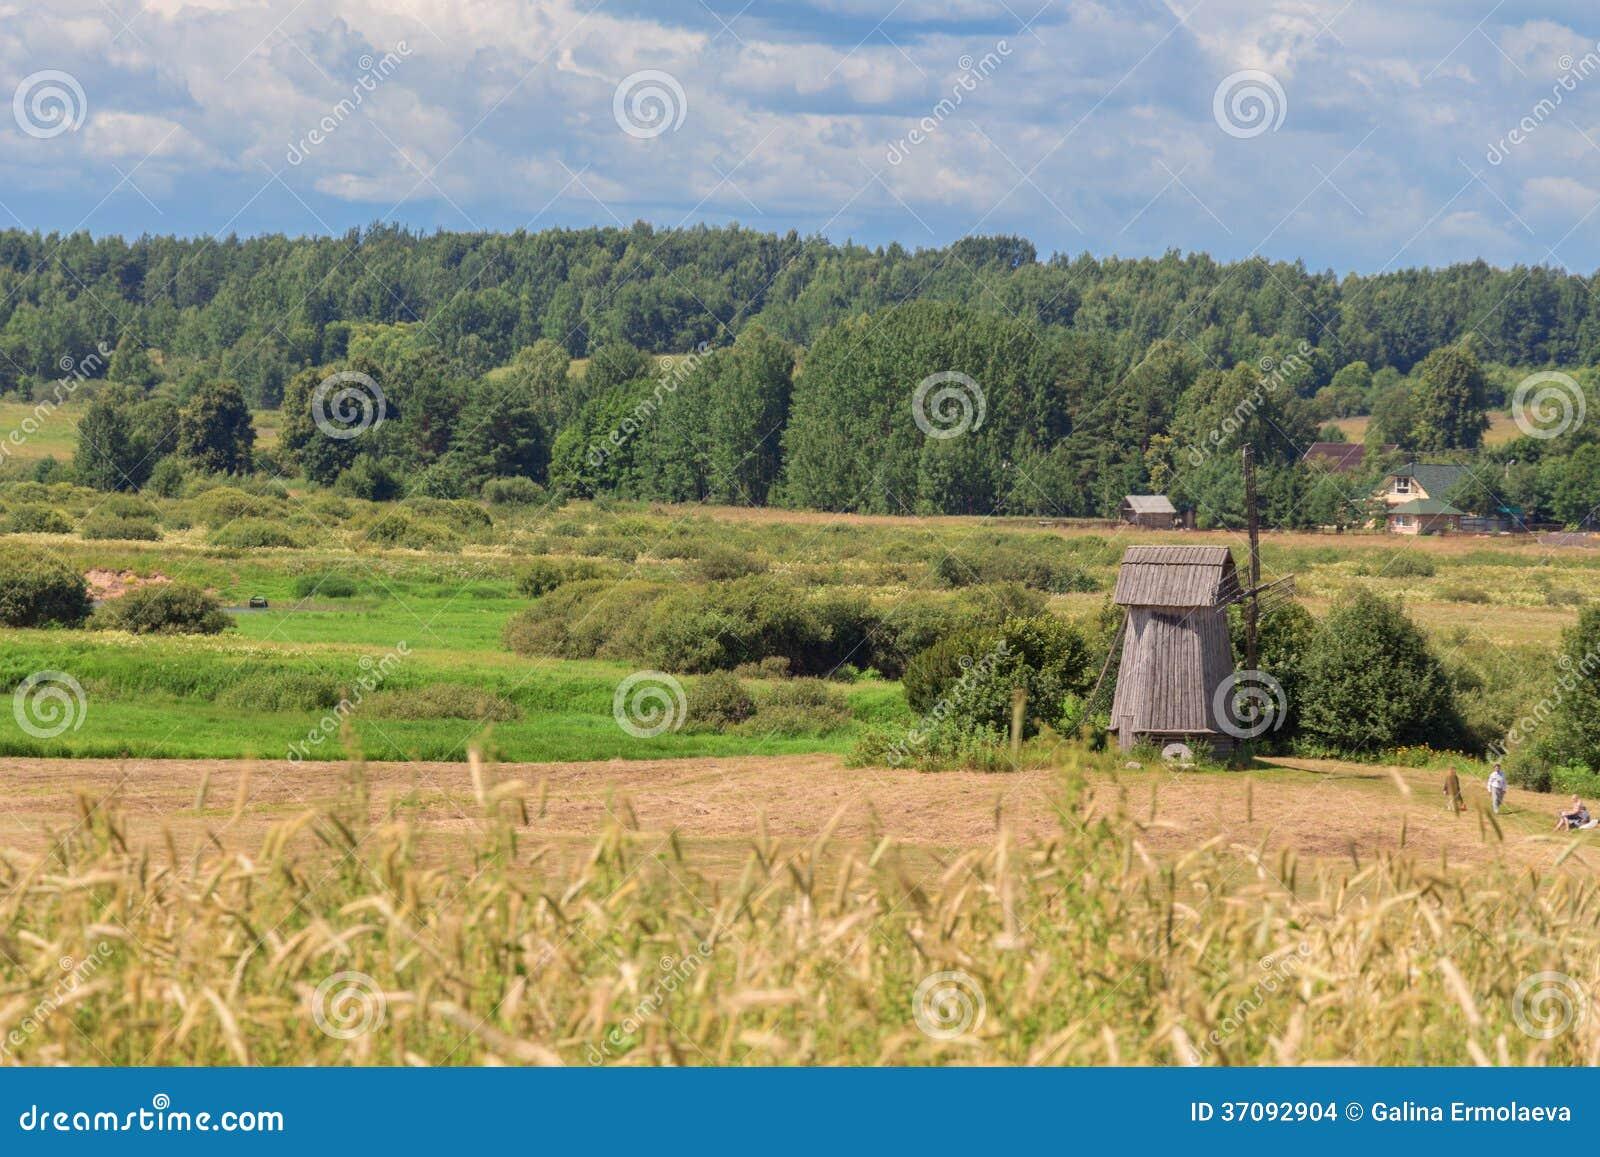 Download Wiejski krajobraz zdjęcie stock. Obraz złożonej z russia - 37092904